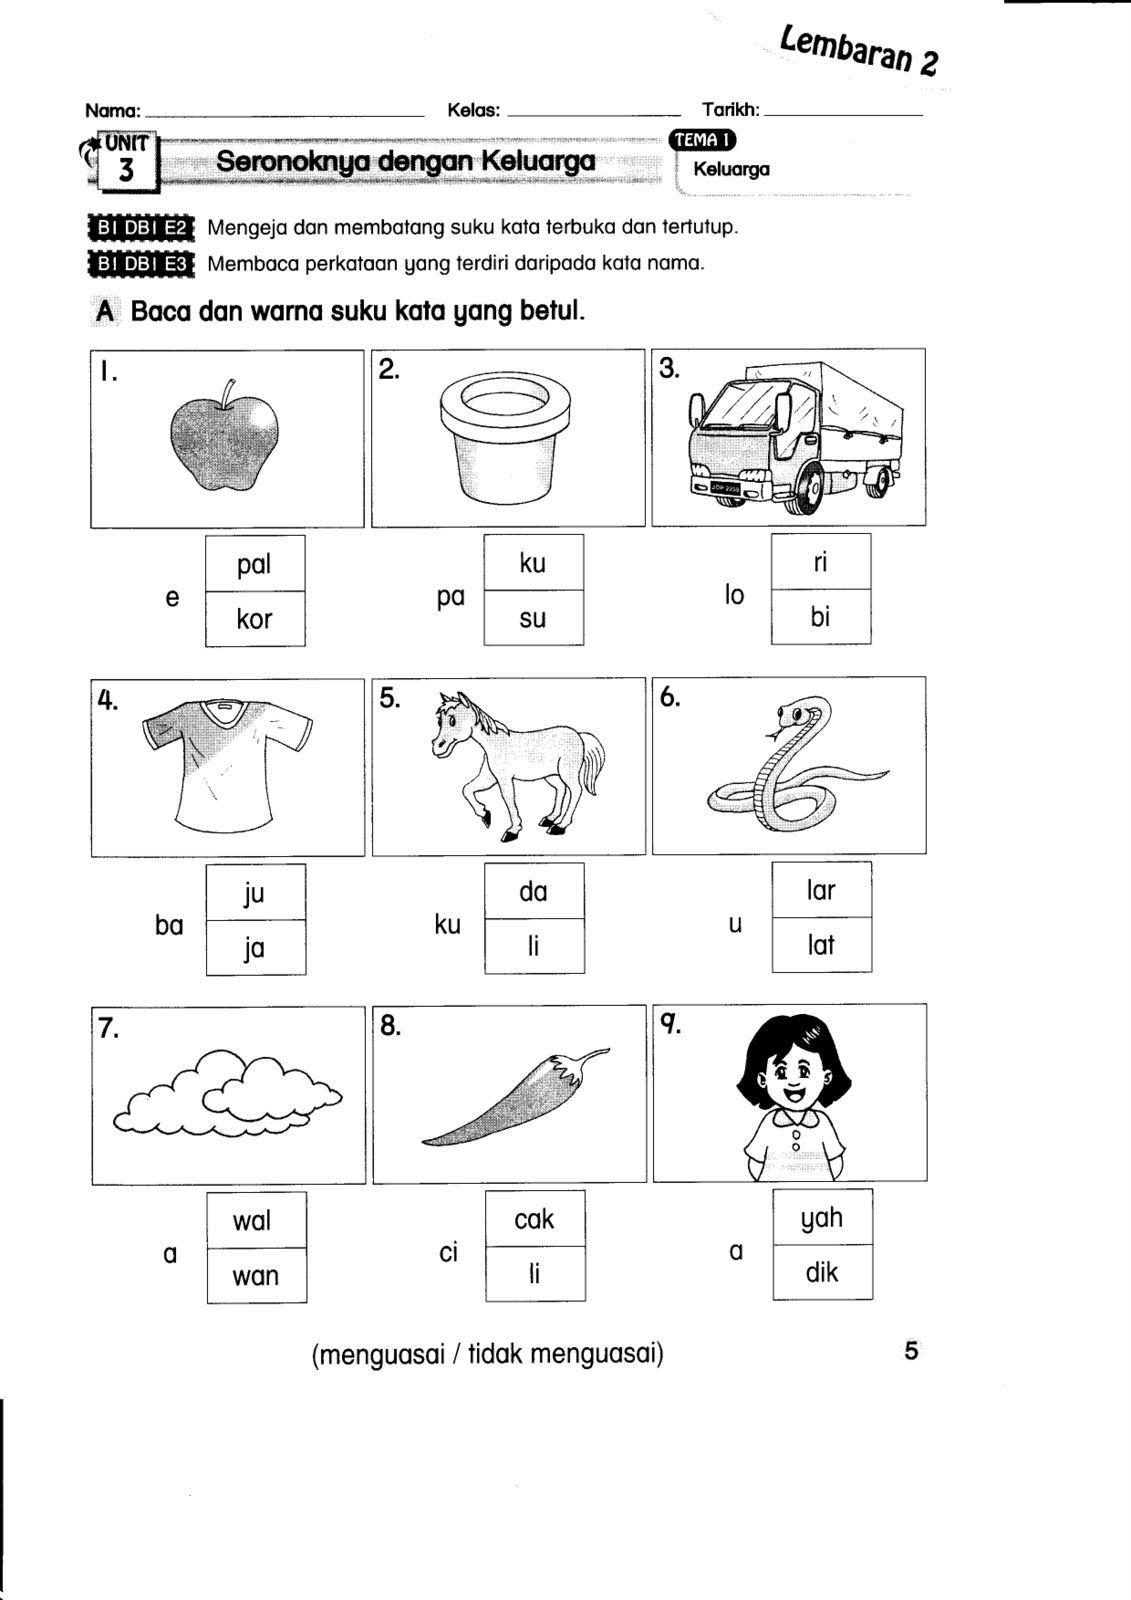 Lembaran Kerja Bahasa Melayu Prasekolah 6 Tahun